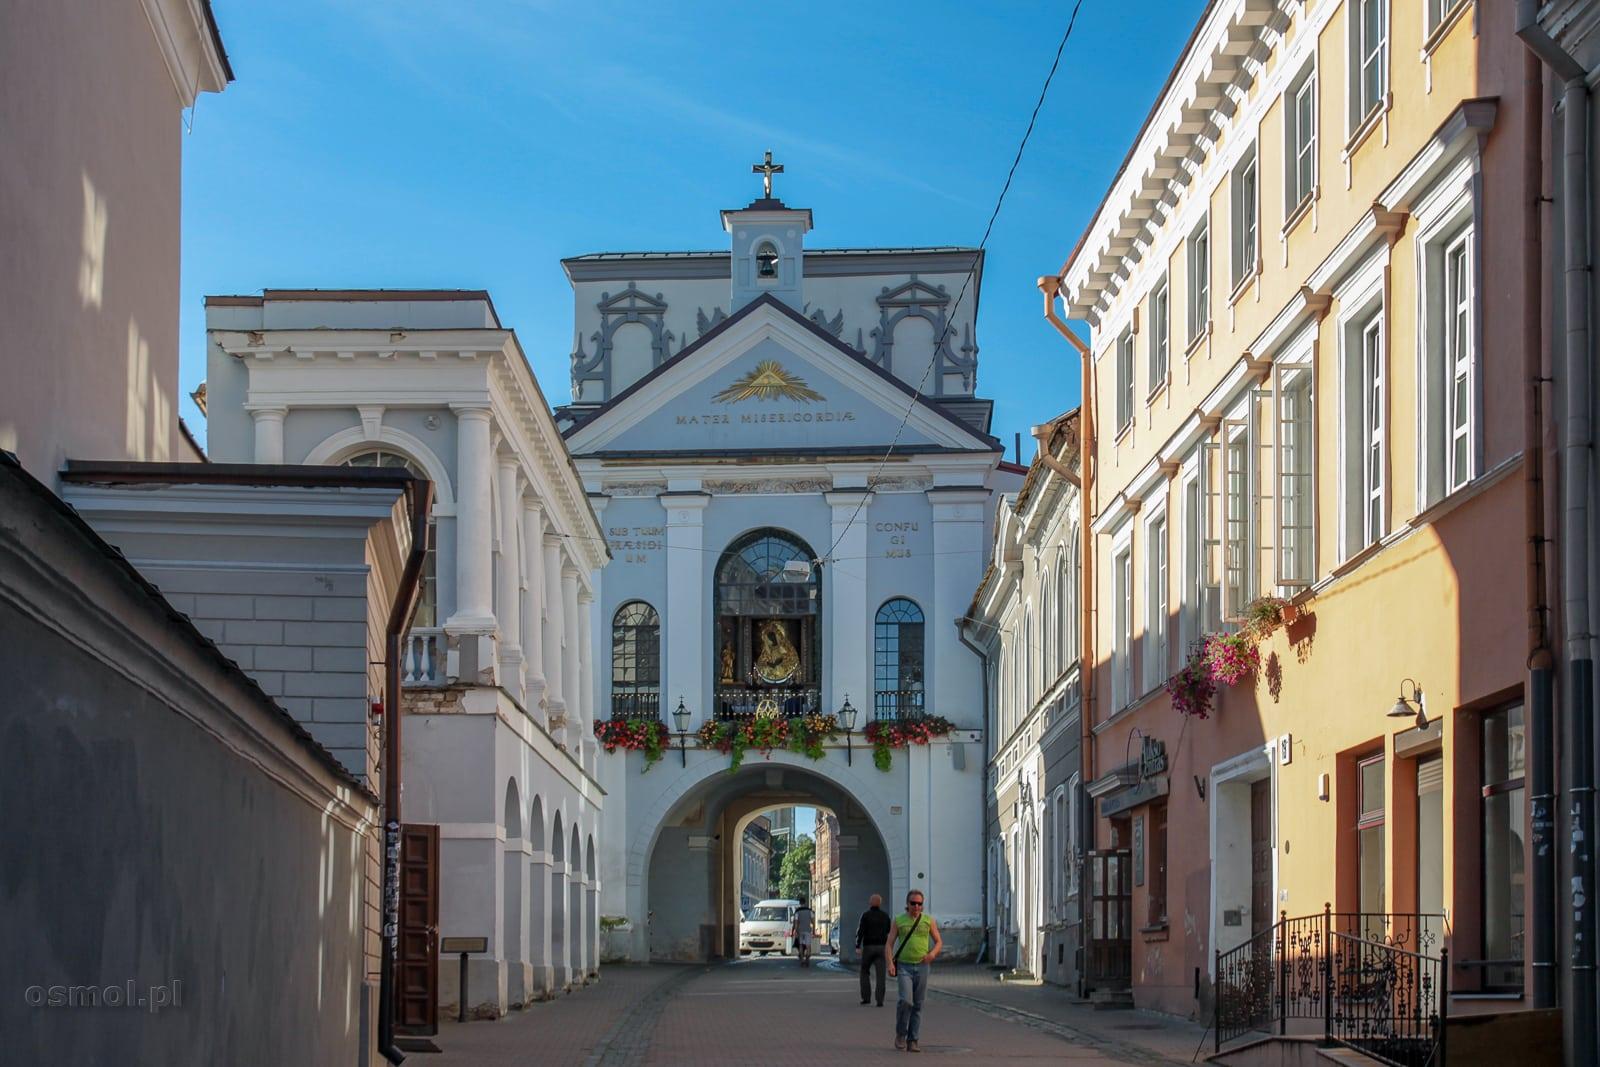 Widok na kaplice Matki Boskiej Ostrobramskiej w Wilnie